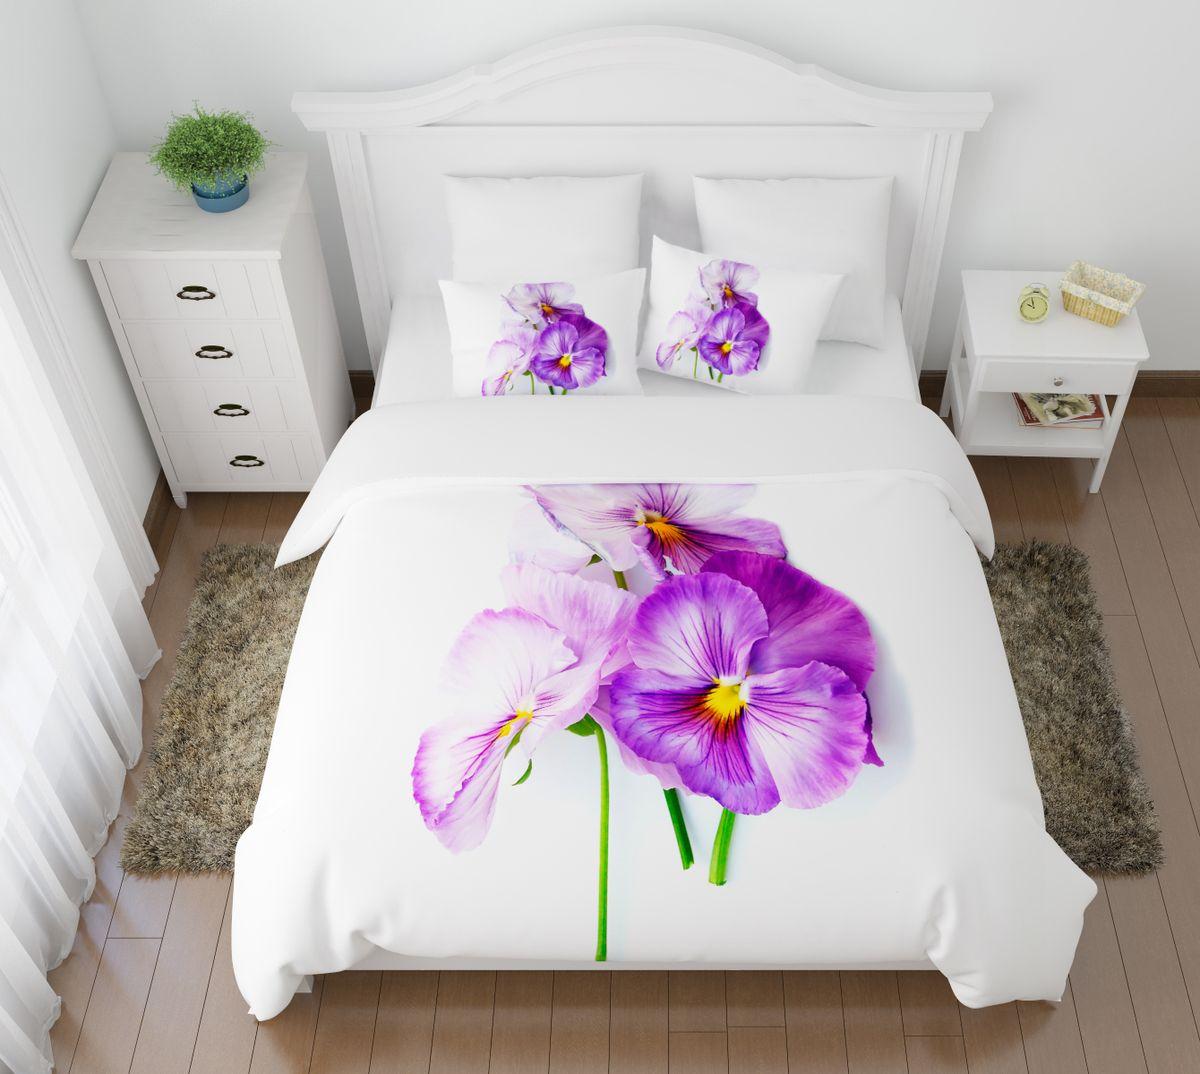 Комплект белья Сирень Виола необыкновенная, 2-спальный, наволочки 50х70S03301004Комплект постельного белья Сирень 2-х спальный выполнен из прочной и мягкой ткани. Четкий и стильный рисунок в сочетании с насыщенными красками делают комплект постельного белья неповторимой изюминкой любого интерьера. Постельное белье идеально подойдет для подарка. Идеальное соотношение смешенной ткани и гипоаллергенных красок это гарантия здорового, спокойного сна. Ткань хорошо впитывает влагу, надолго сохраняет яркость красок. Цвет простыни, пододеяльника, наволочки в комплектации может немного отличаться от представленного на фото.В комплект входят: простыня - 200х220см; пододельяник 175х210 см; наволочка - 50х70х2шт. Постельное белье легко стирать при 30-40 градусах, гладить при 150 градусах, не отбеливать.Рекомендуется перед первым изпользованием постирать.